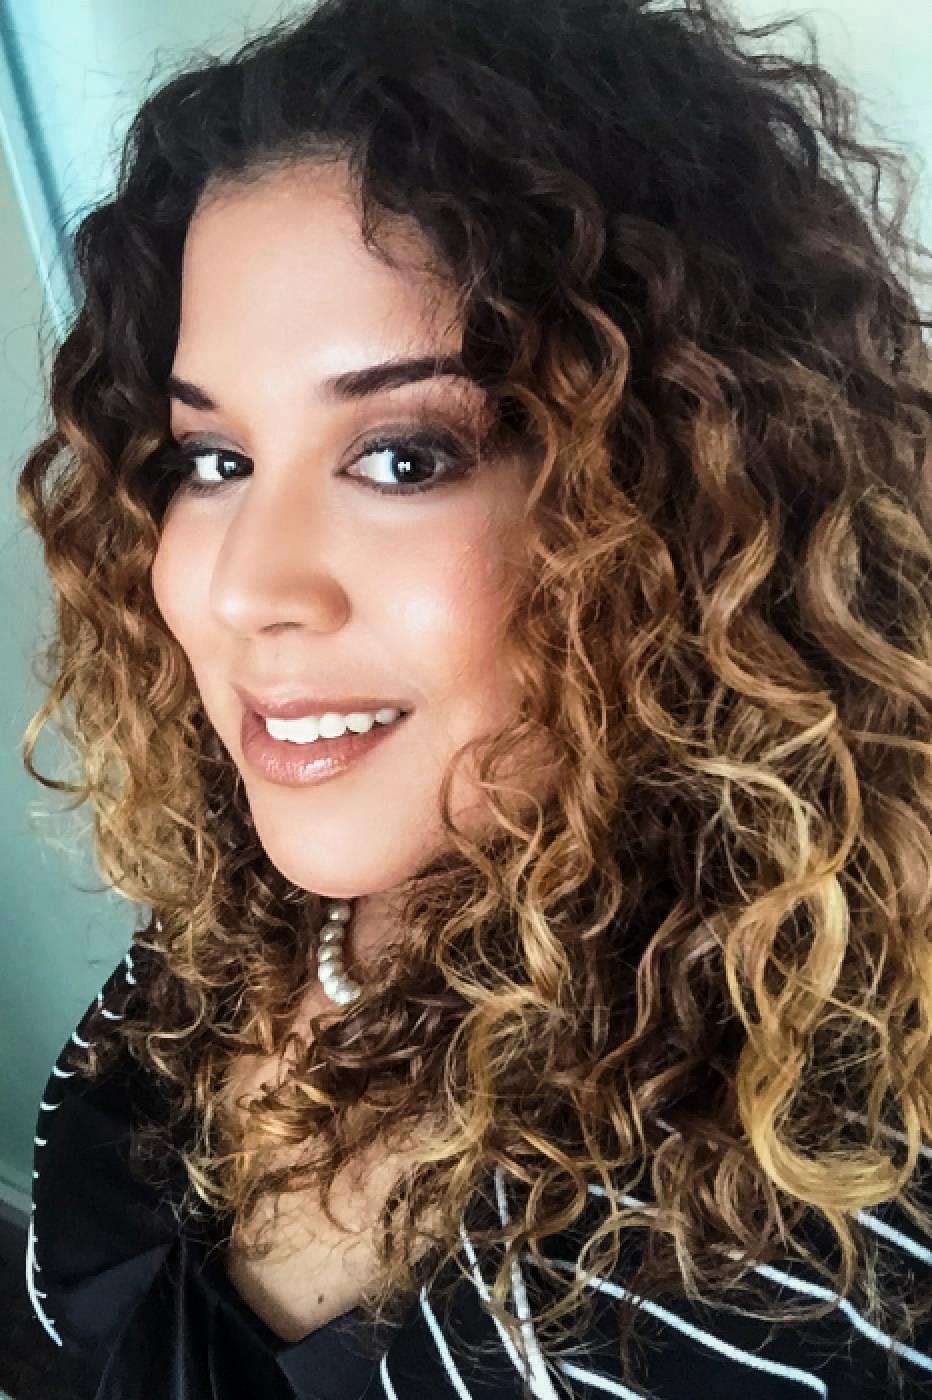 Julie Veloz